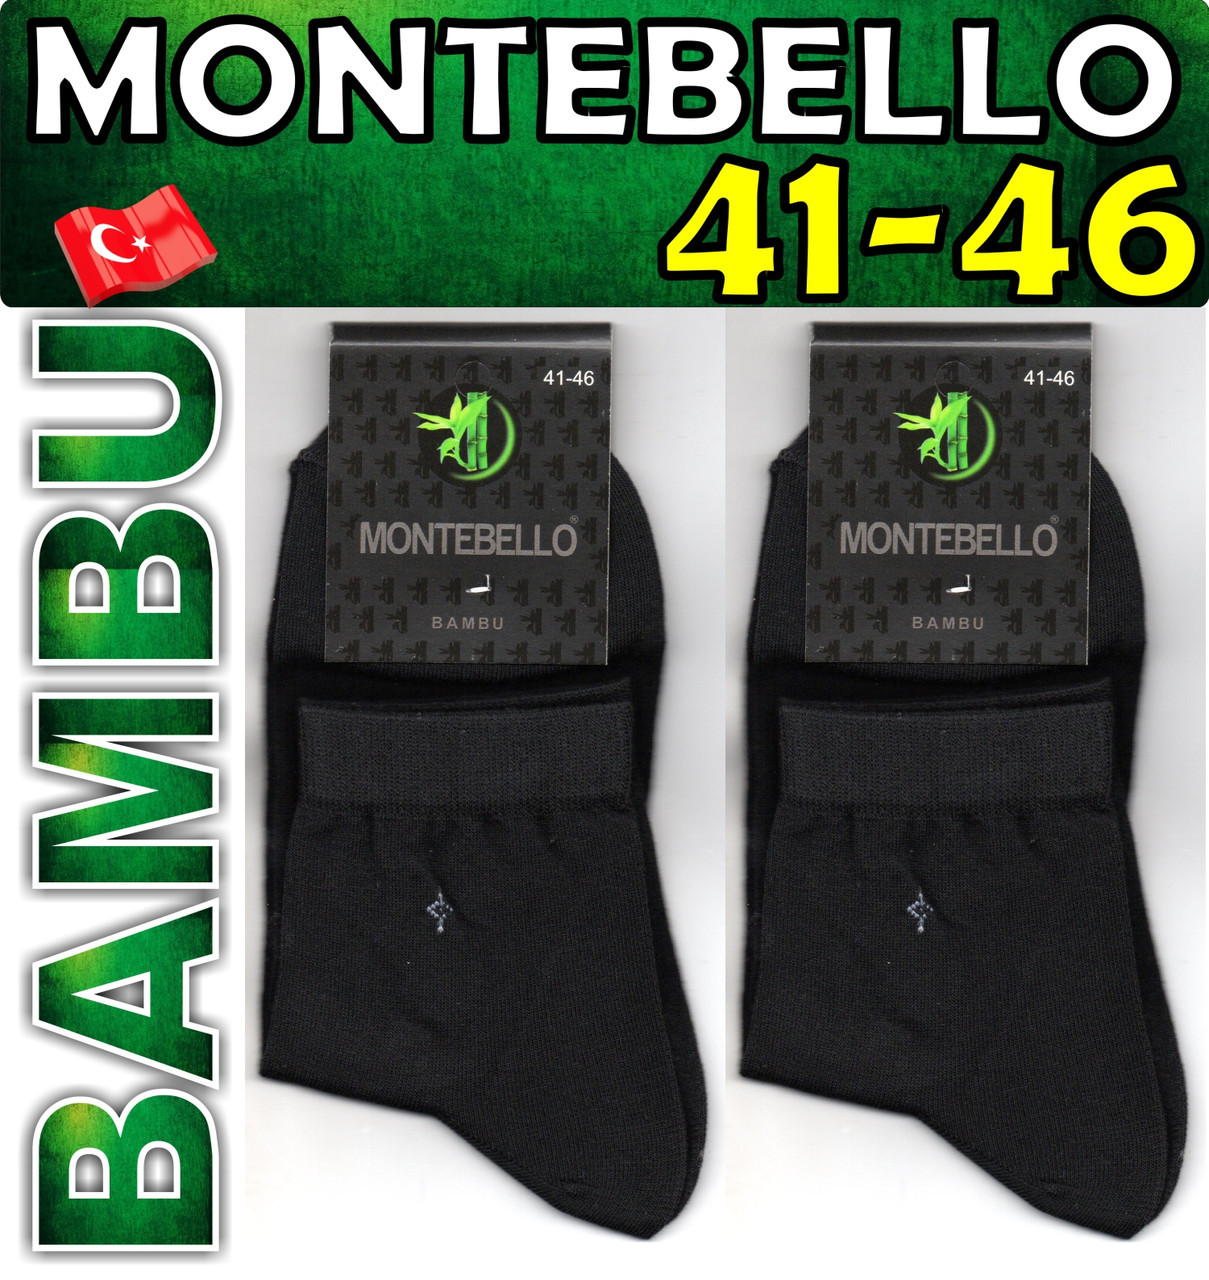 50e14e9166a7 Мужские носки средние MONTEBELLO BAMBU бамбук 41-46р чёрные НМД-0505642  недорого купить в ...